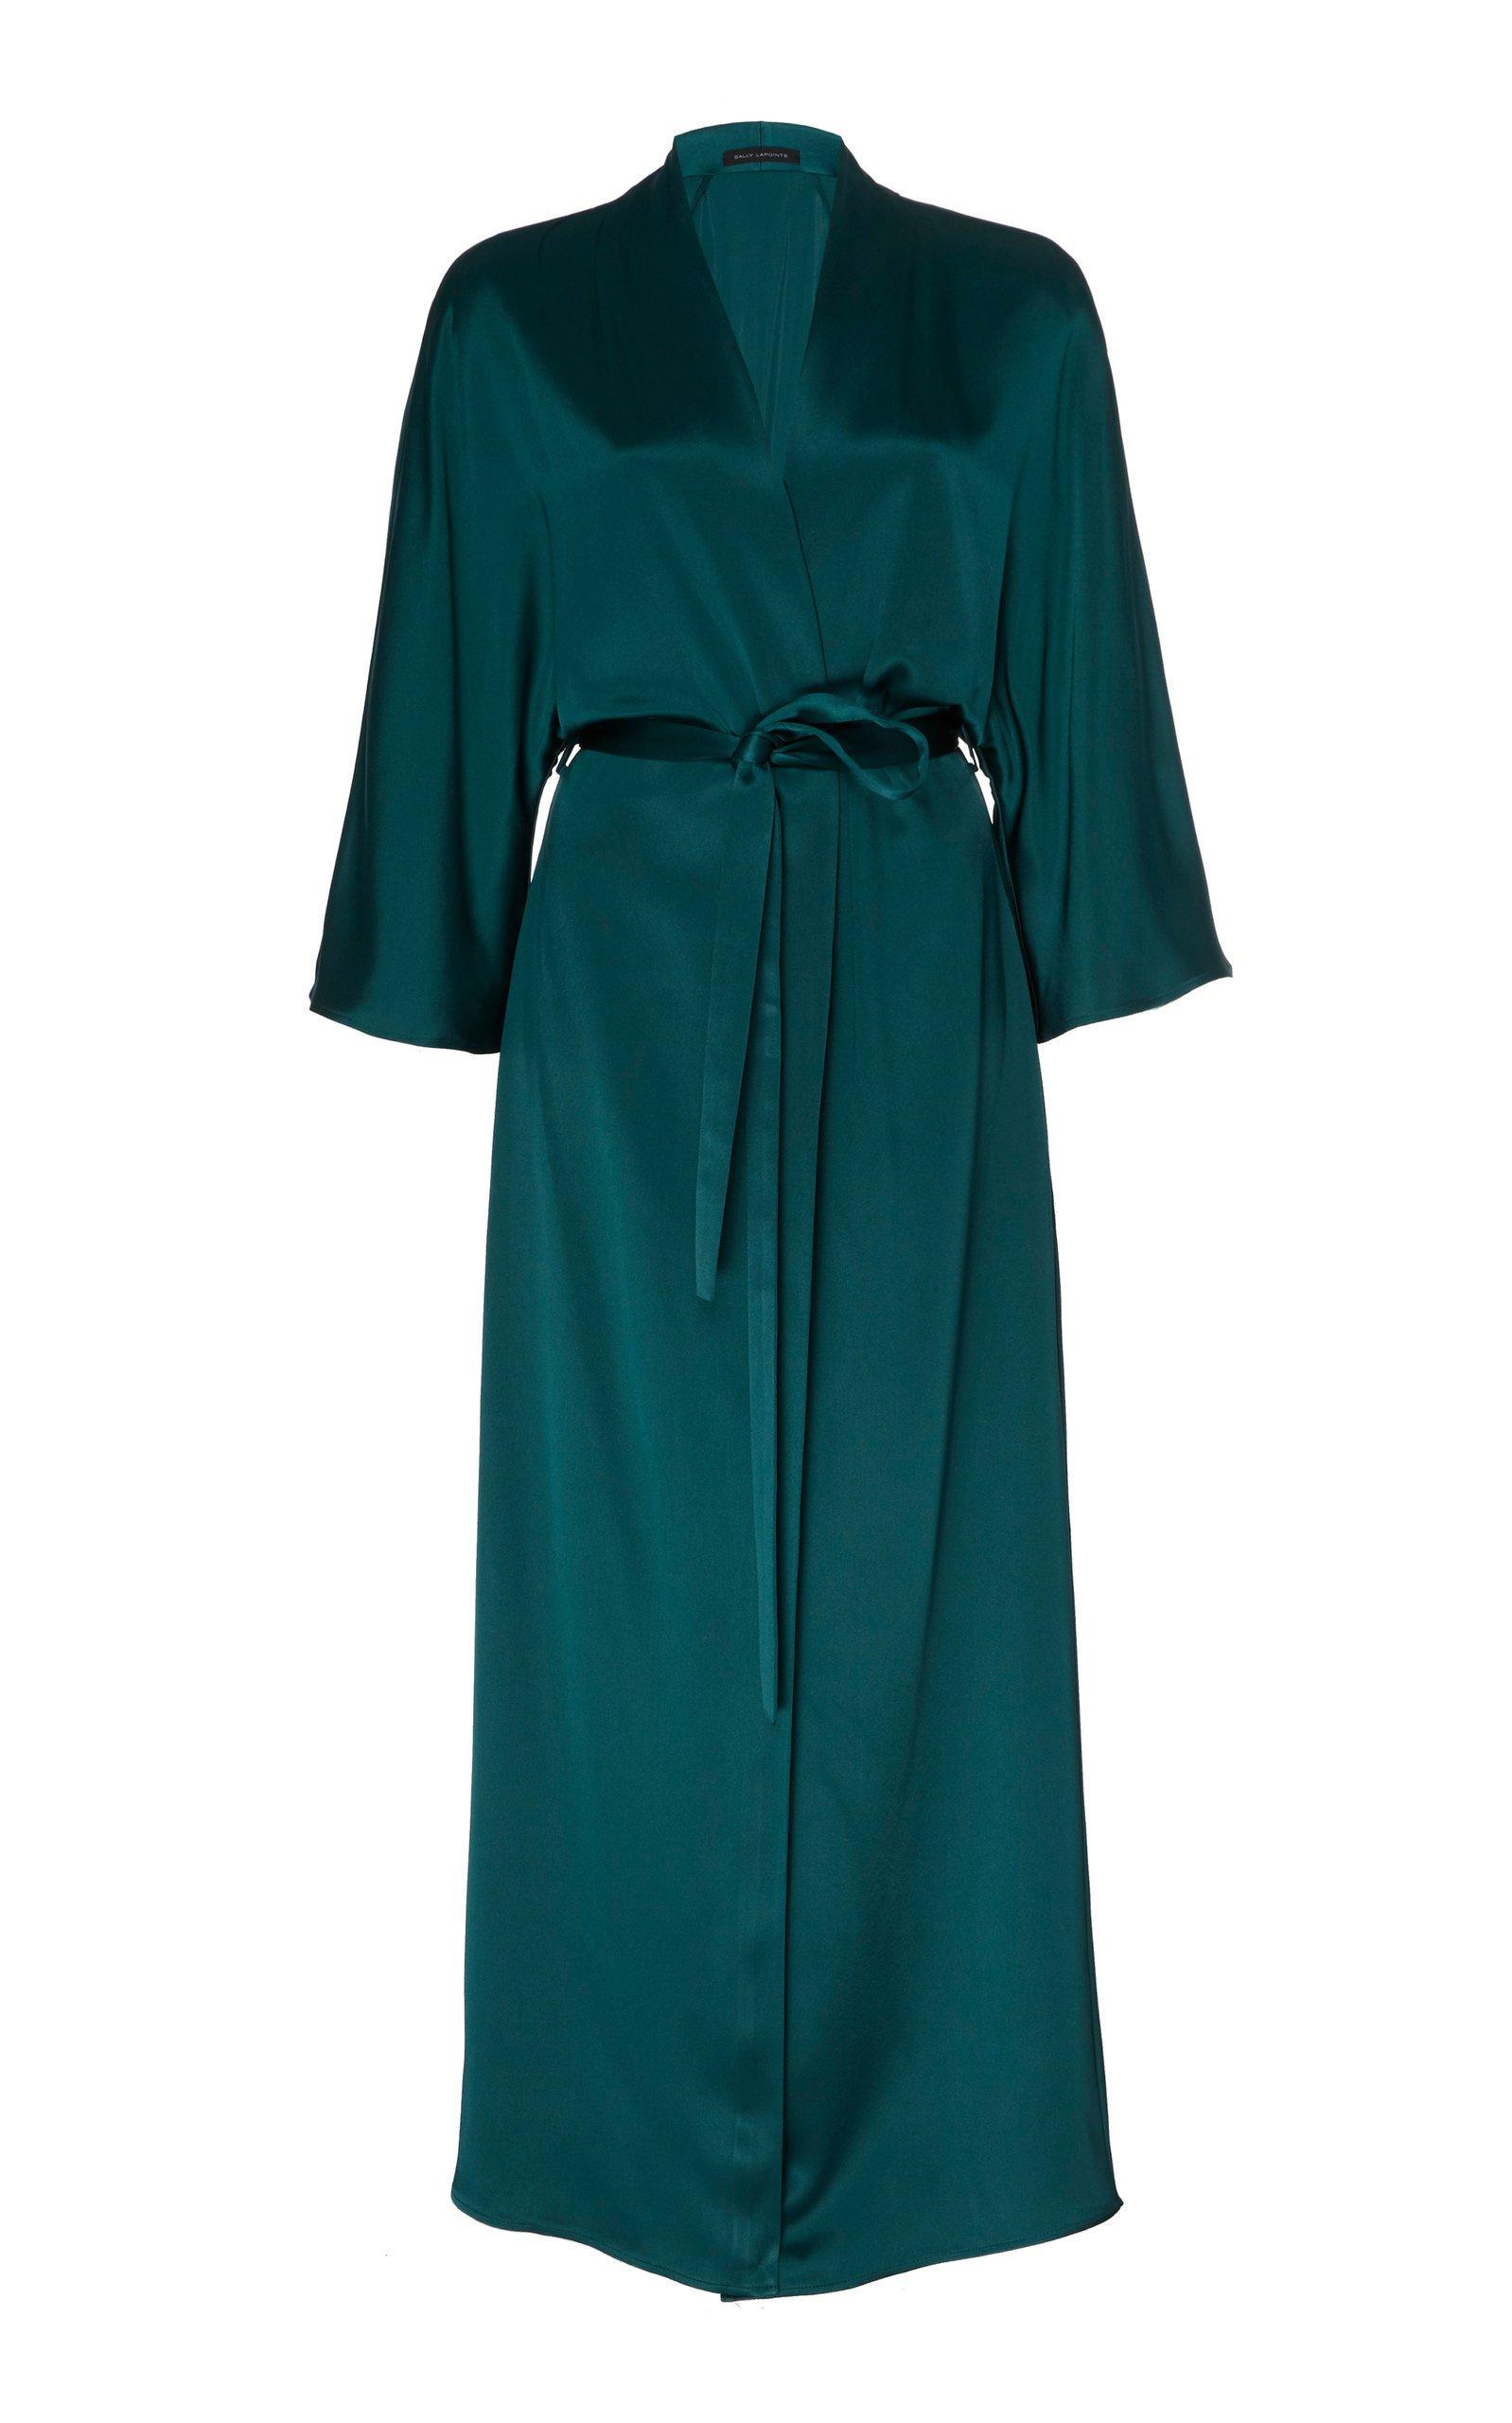 Sally LaPointe Doubleface Satin Kimono Duster